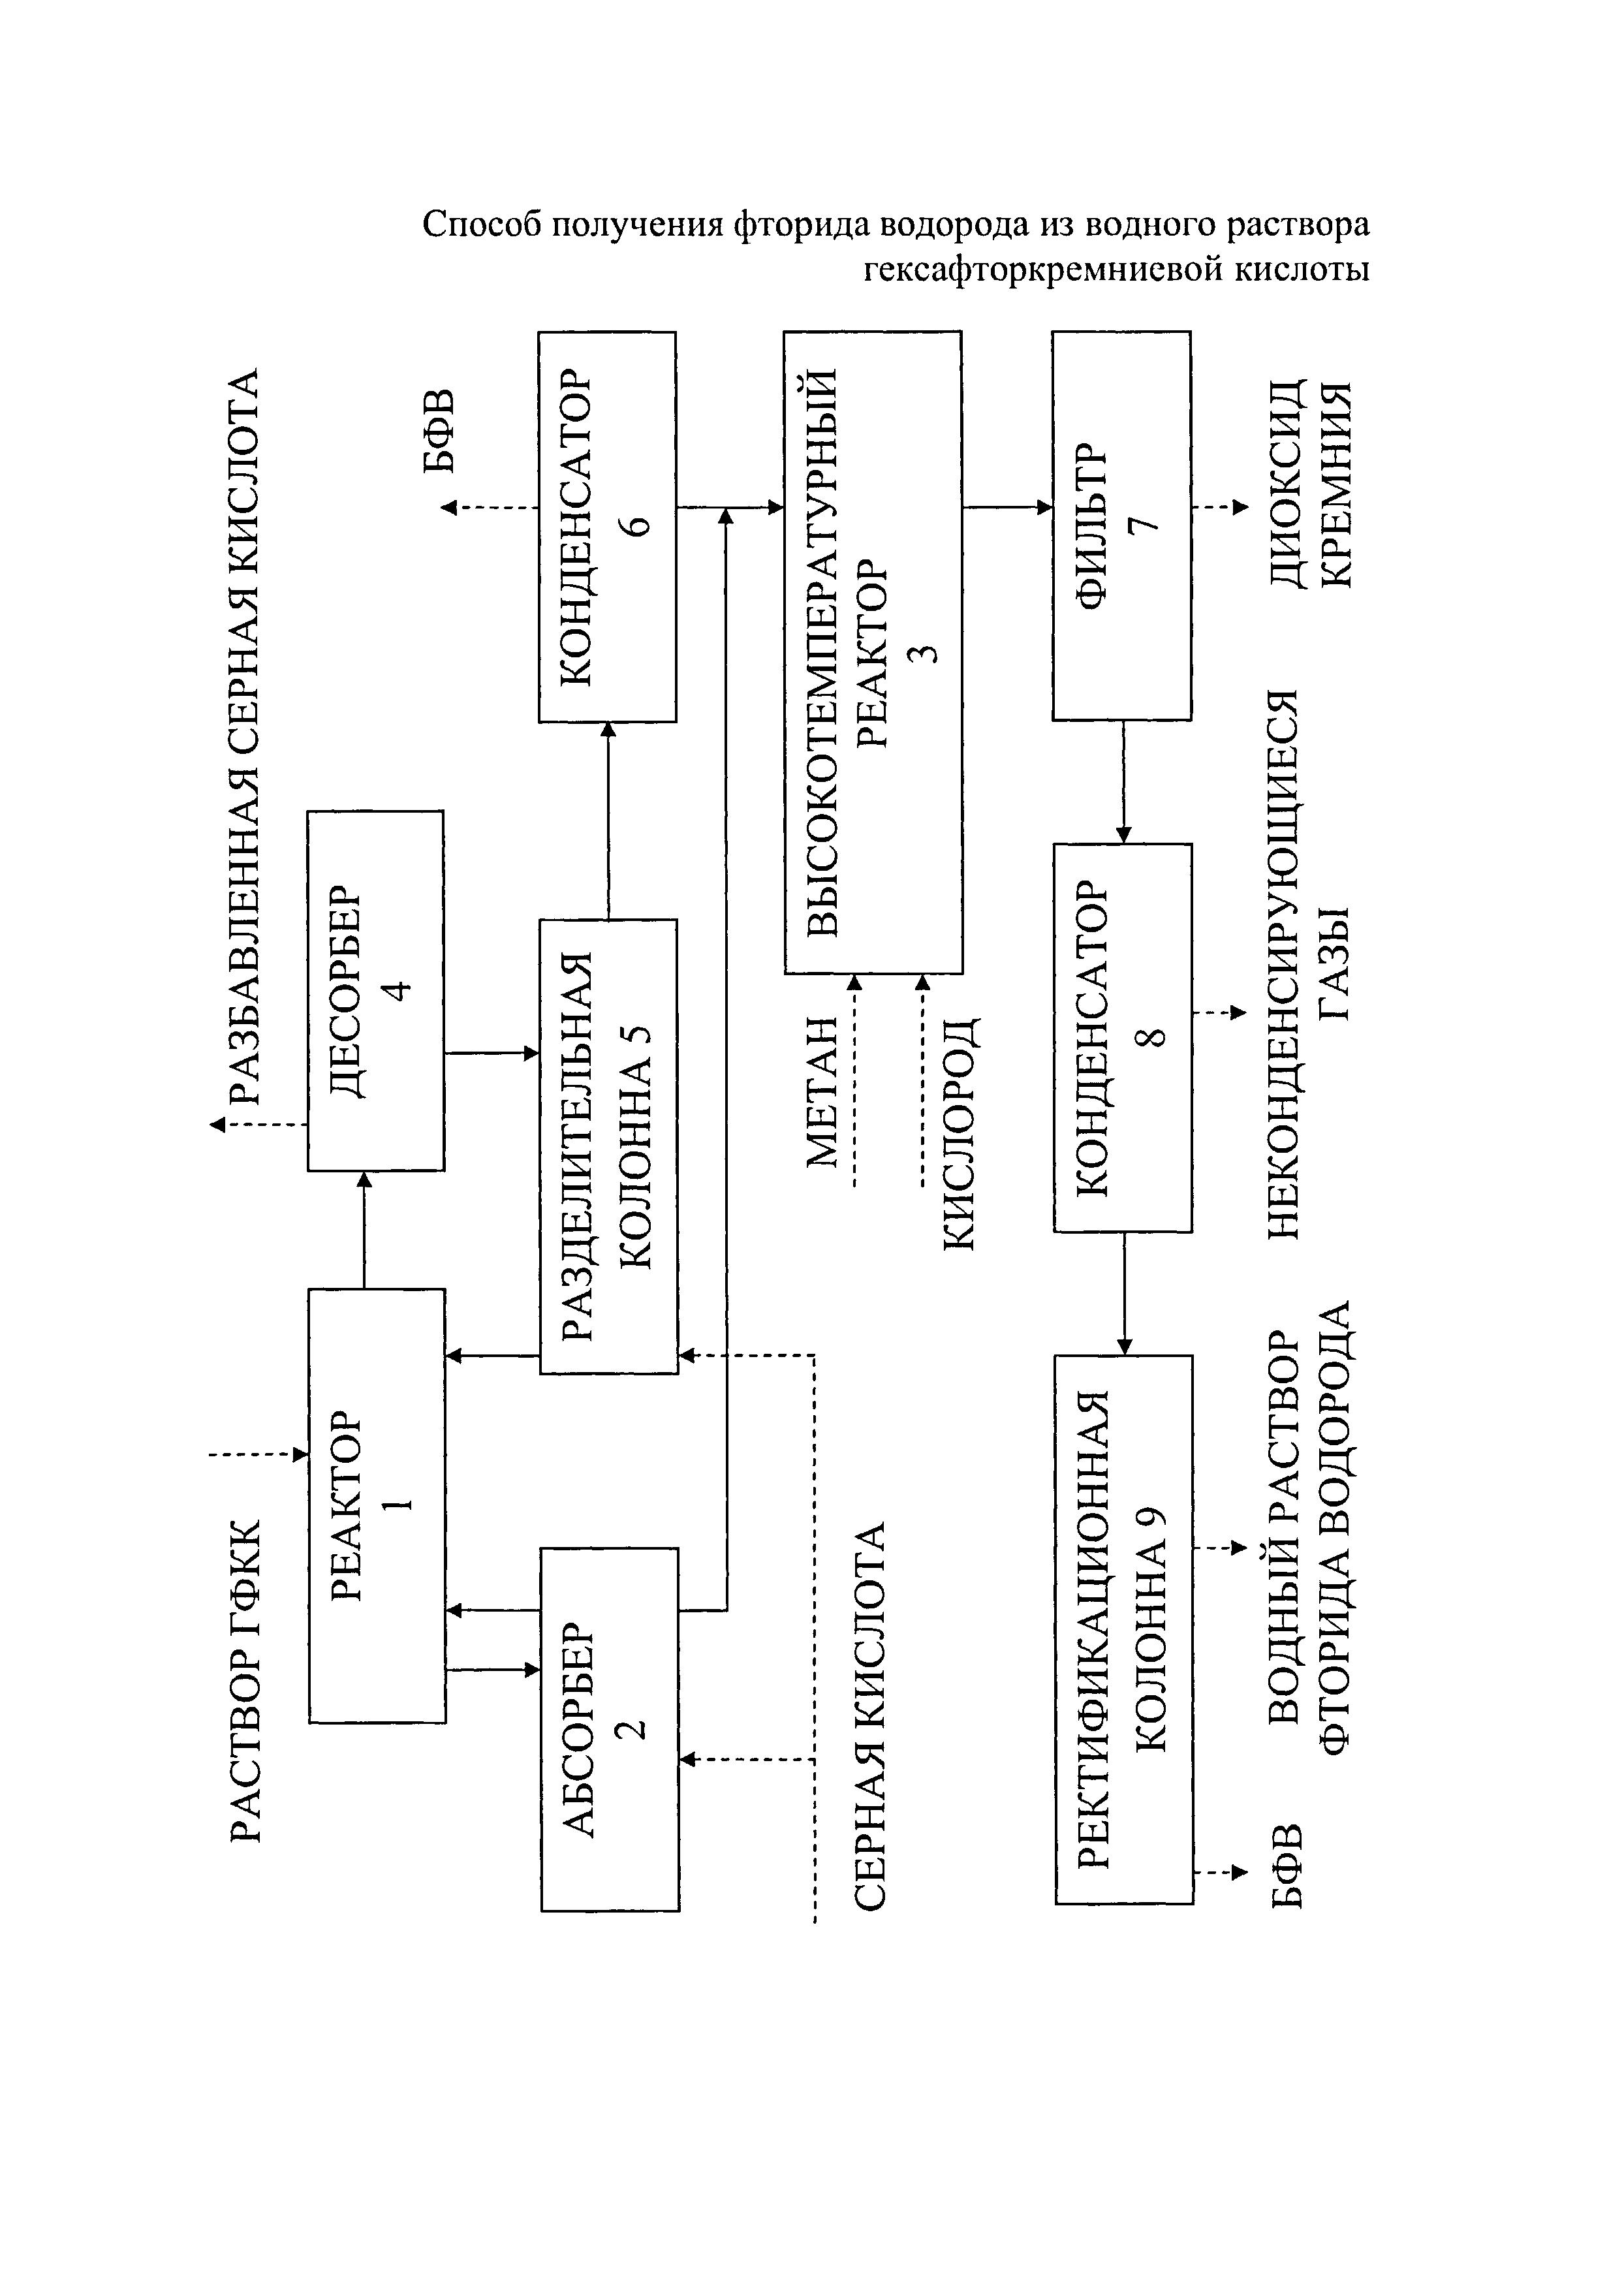 Способ получения фторида водорода из водного раствора гексафторкремниевой кислоты